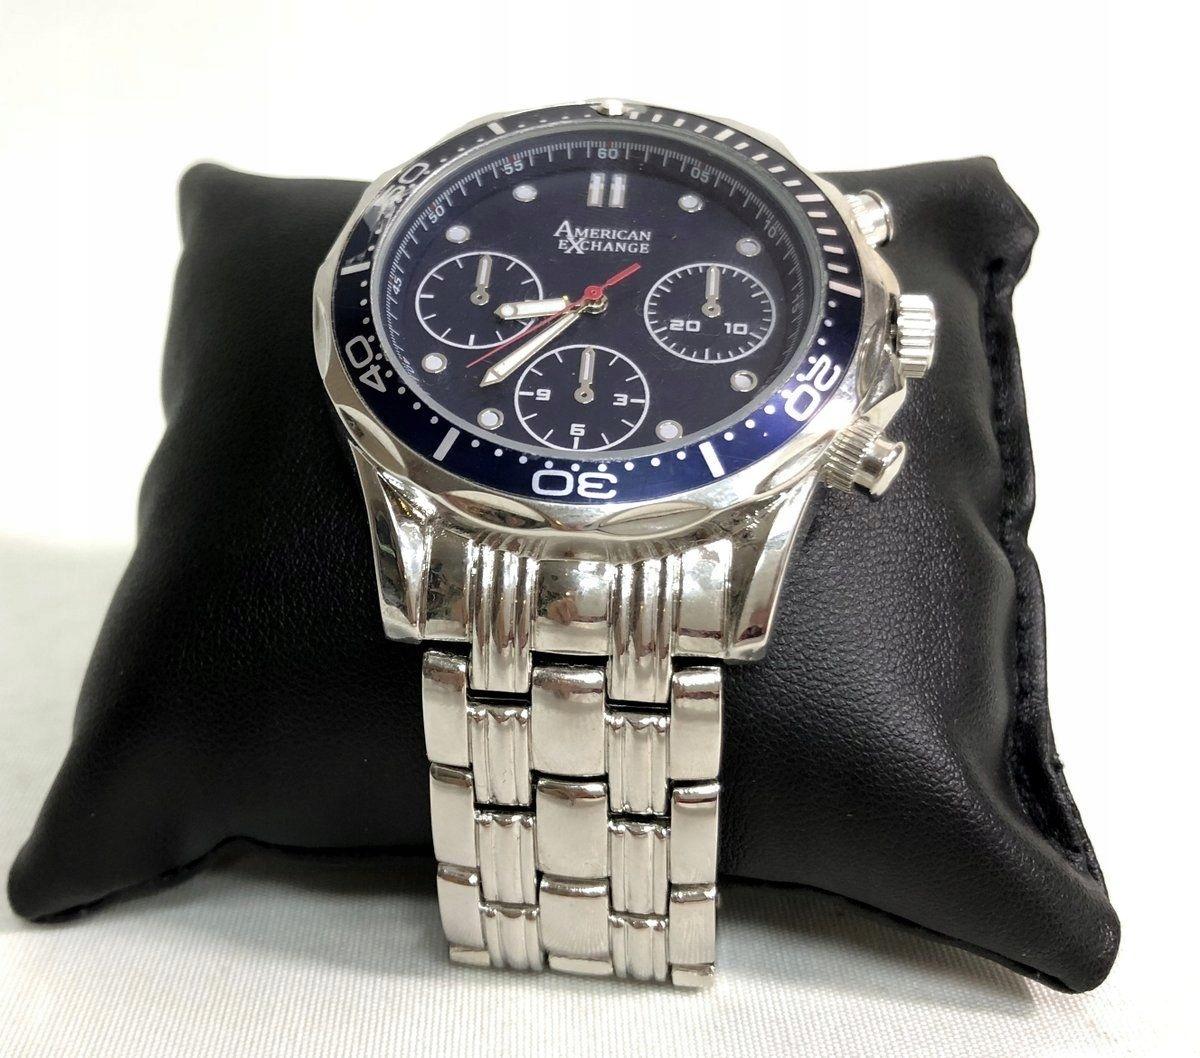 d2e36b3d047134 Zegarek American Change 4020 nieużywany - 7606276044 - oficjalne ...